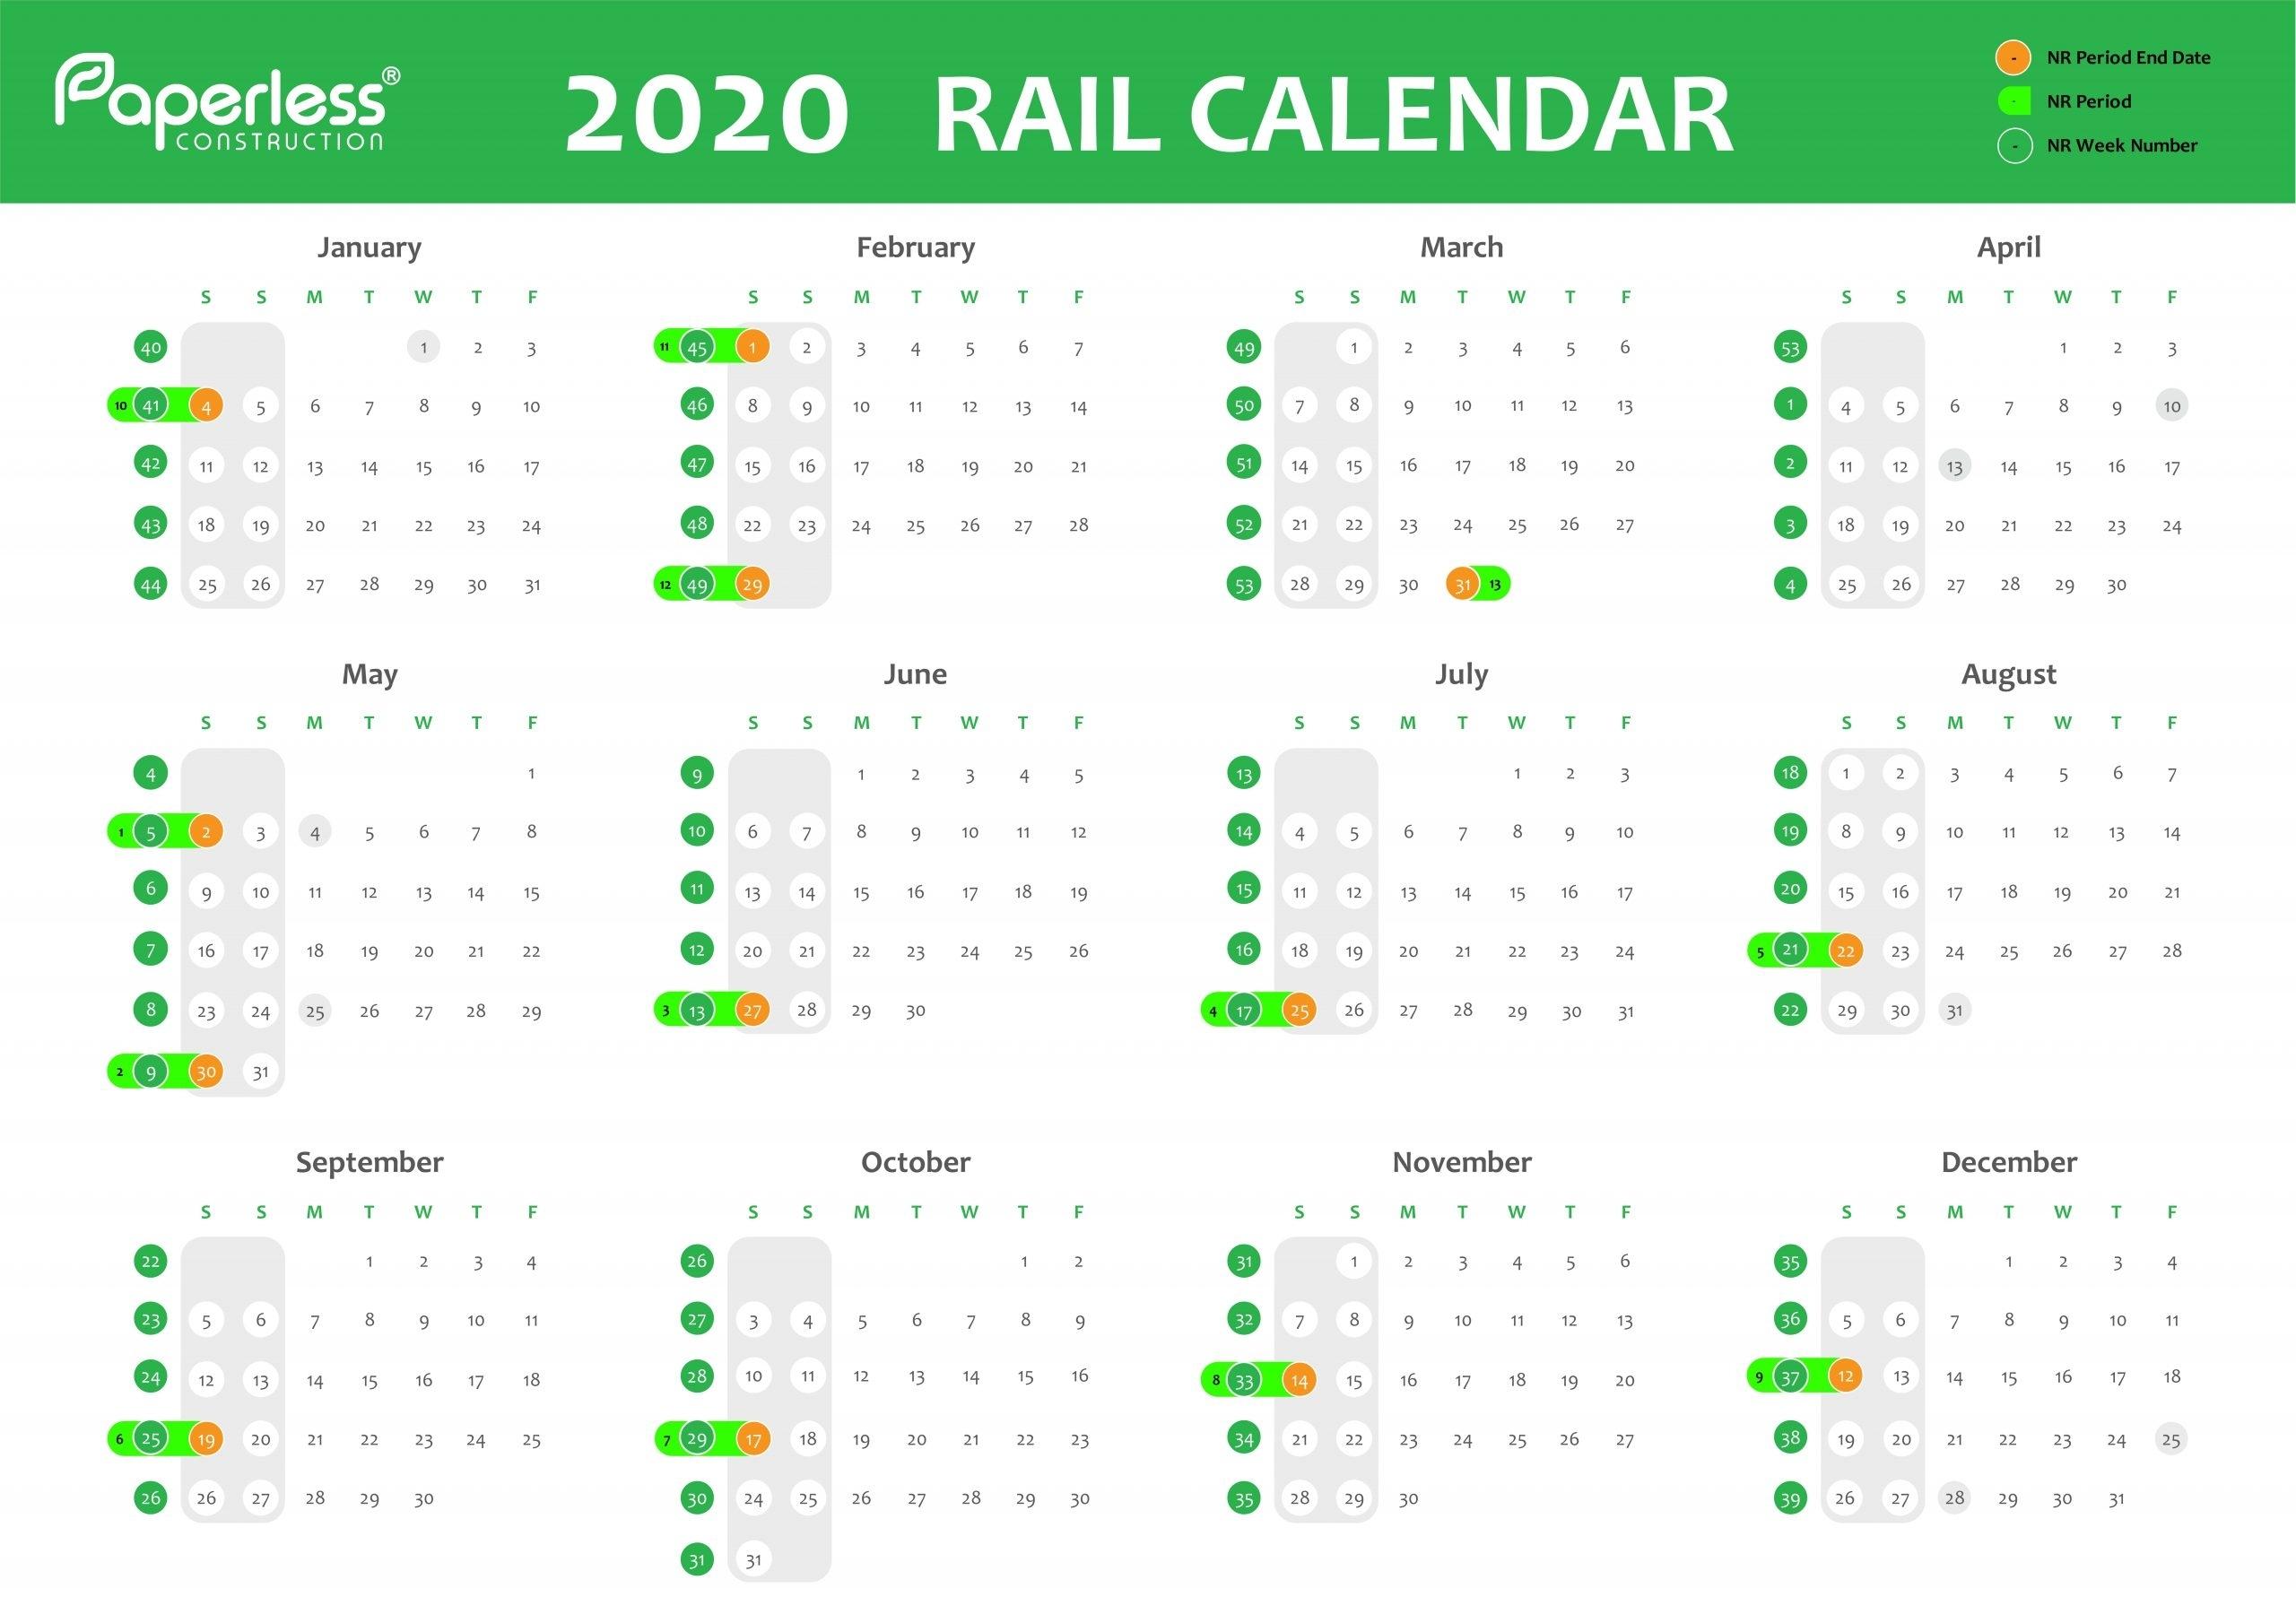 Network Rail Week Calendar - Paperless Construction